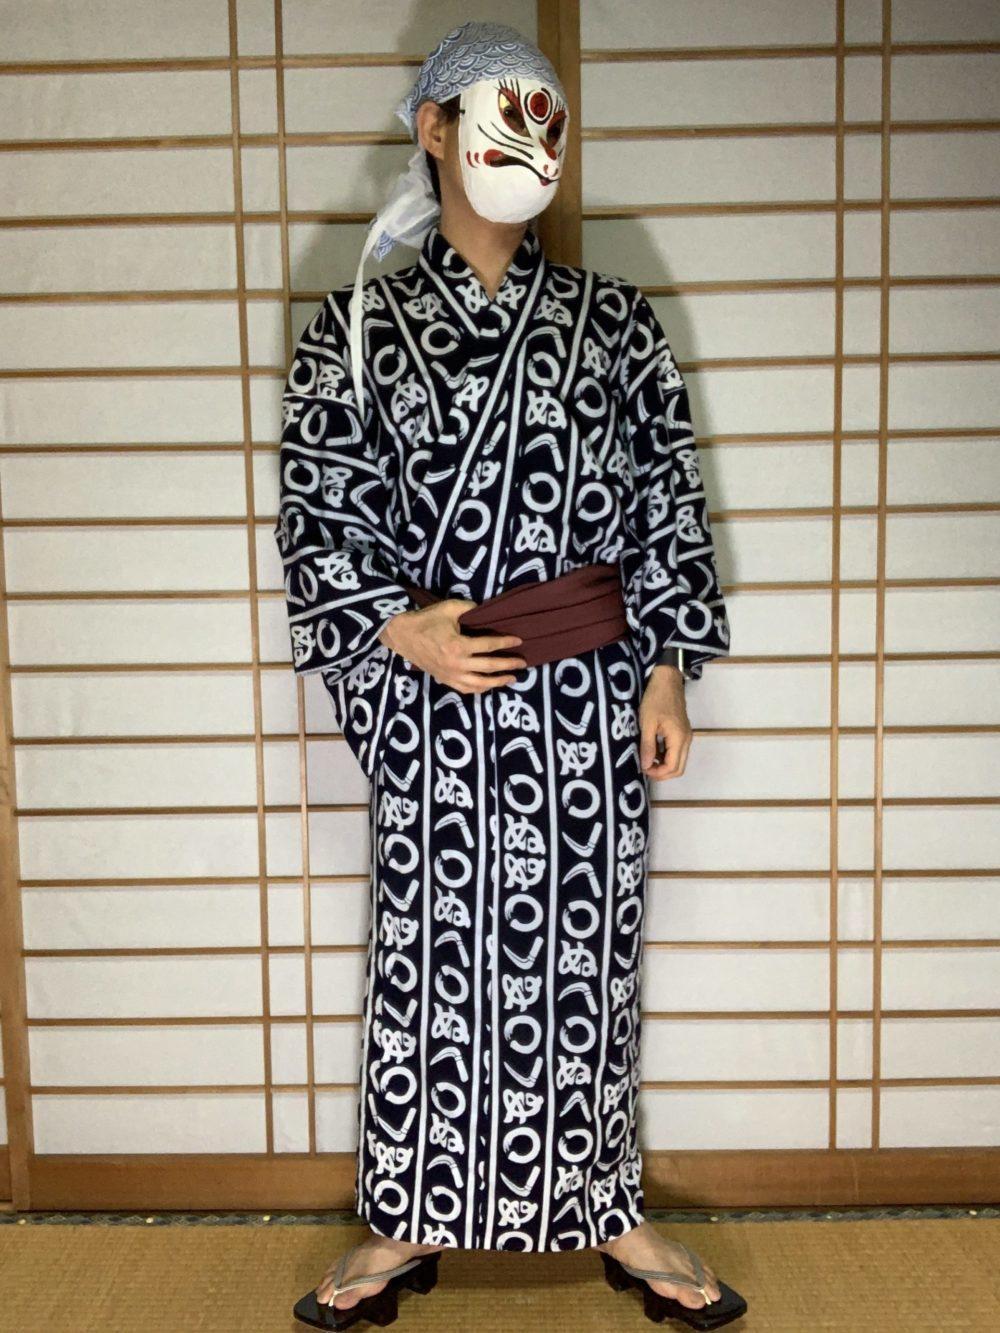 男の和服,メンズ着物,狐面,日本,裏着物,和,文化,ビアガーデン,浴衣